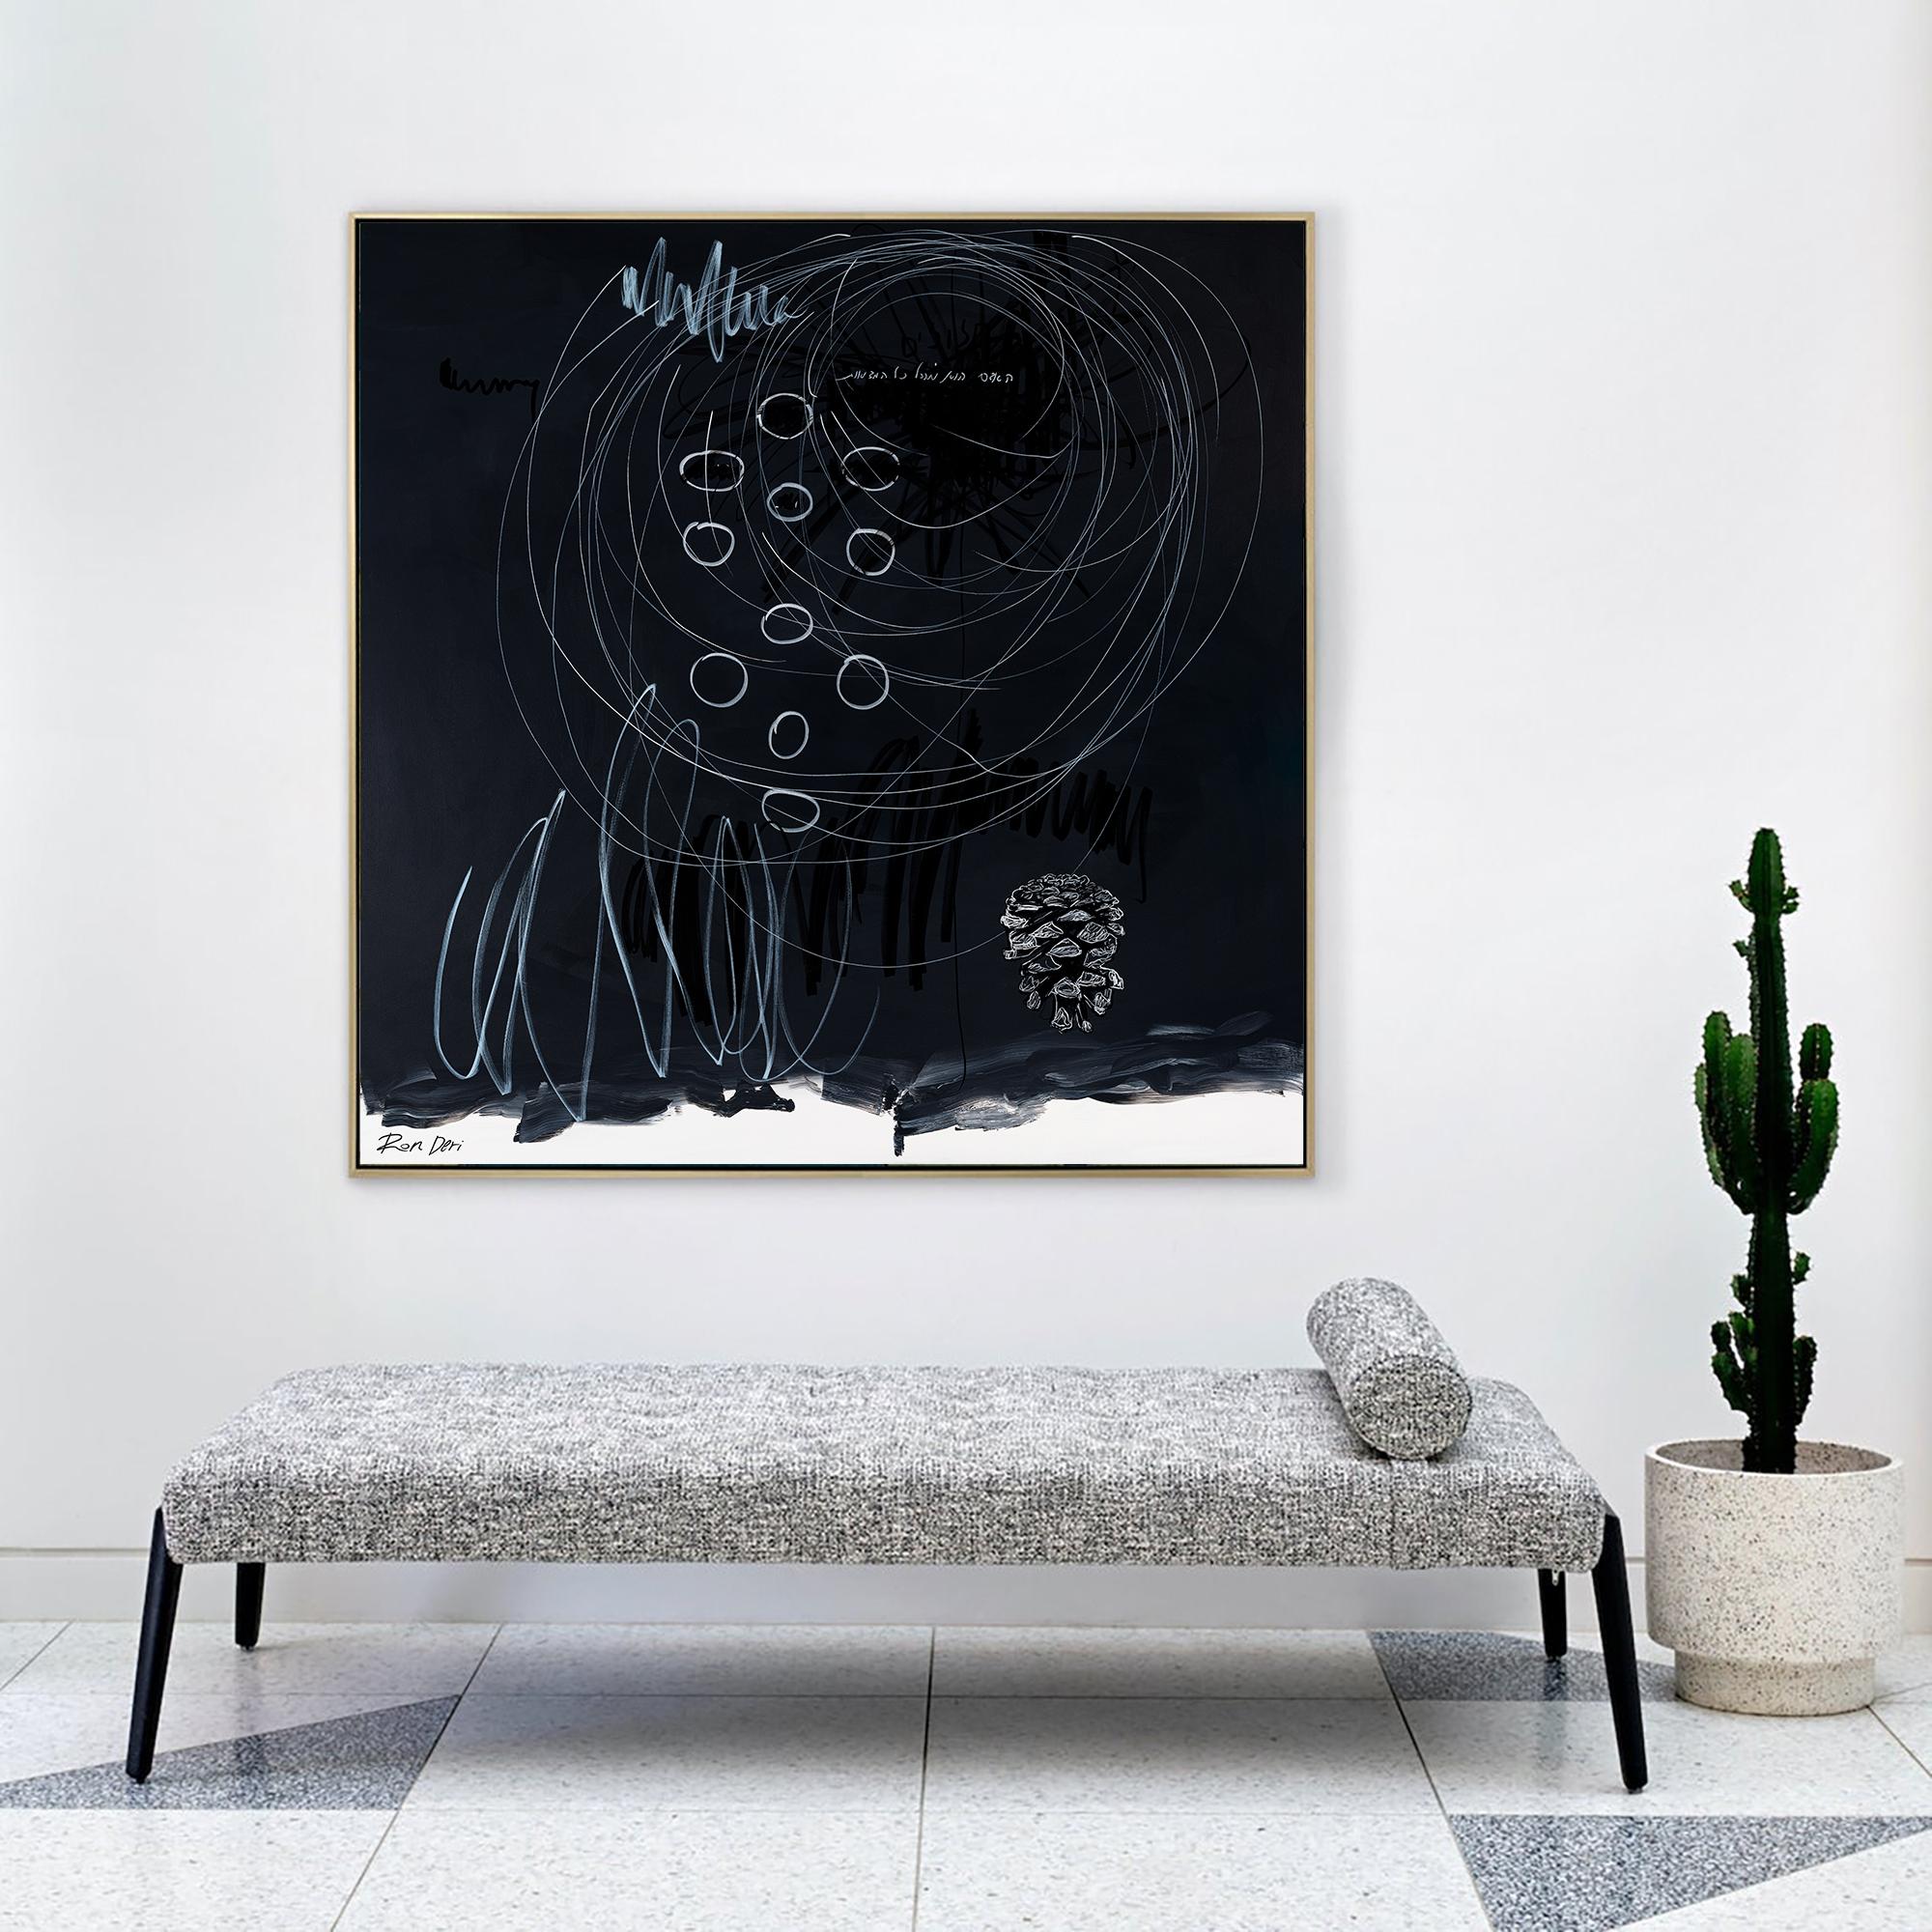 dark-abstract-painting-artwork-artist-ron-deri-art